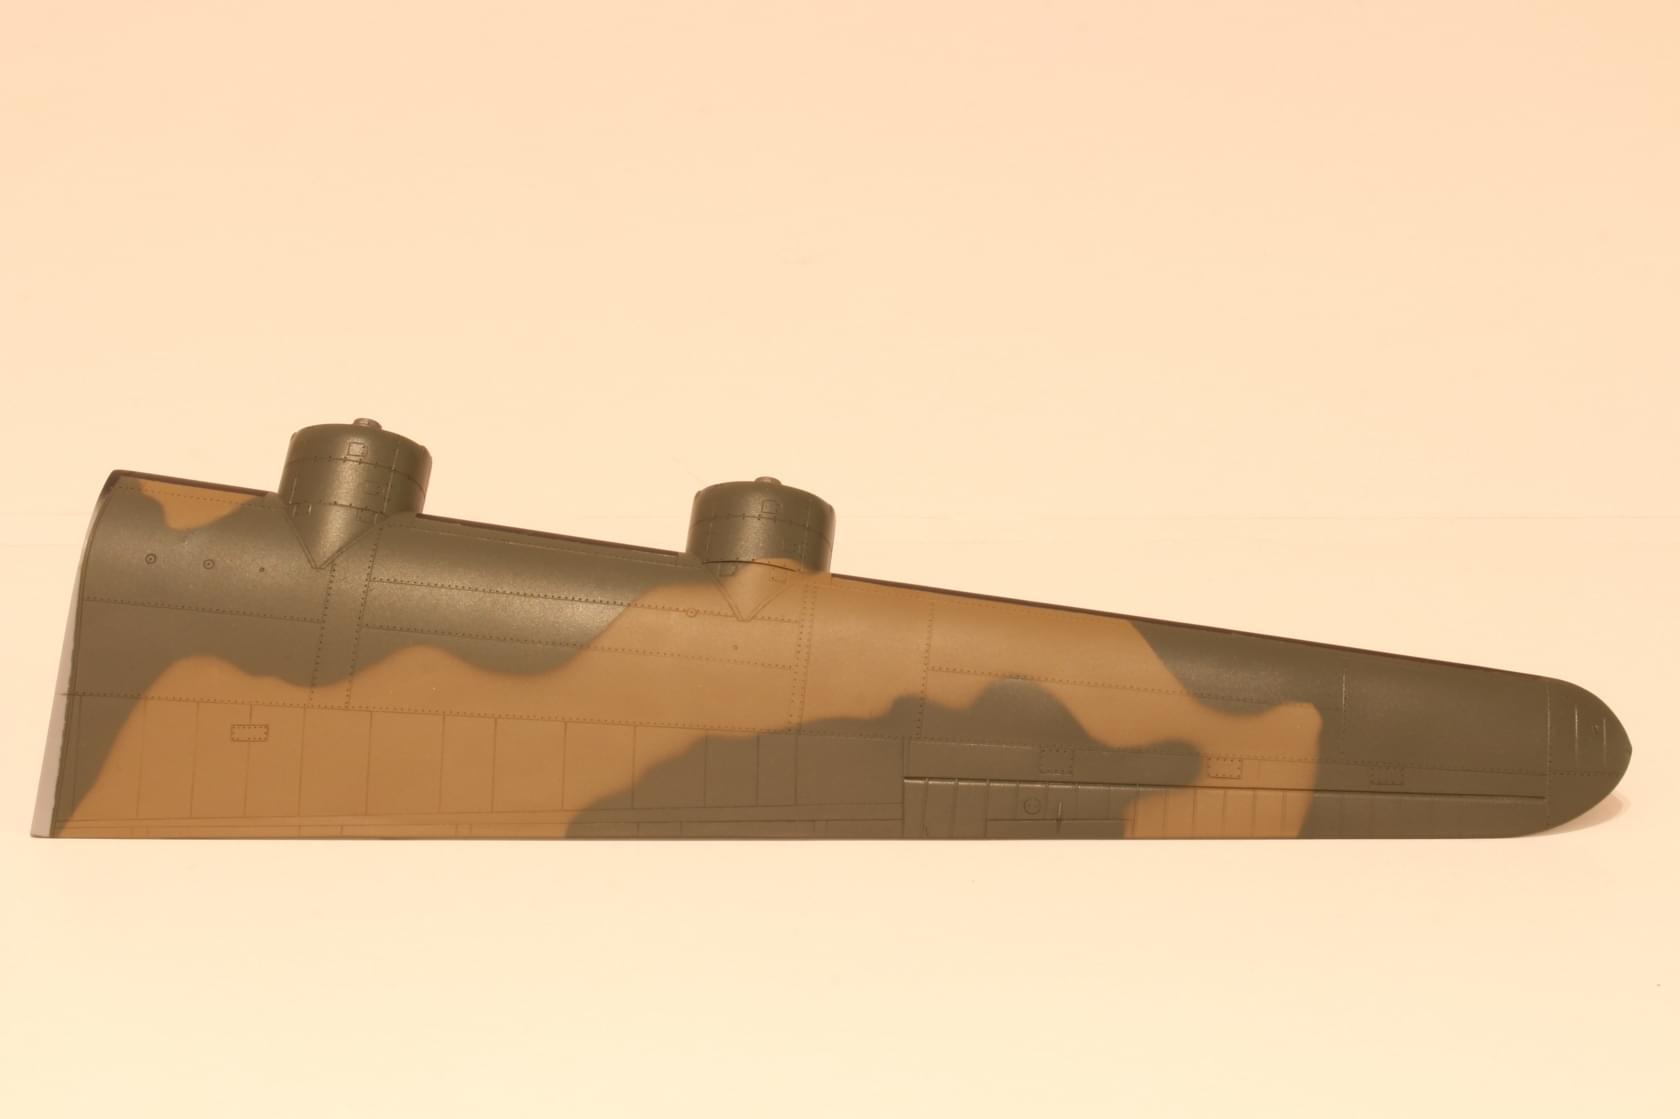 Liberator MK.VI - Hasegawa B-24J 1/72 A41411ec7082d712